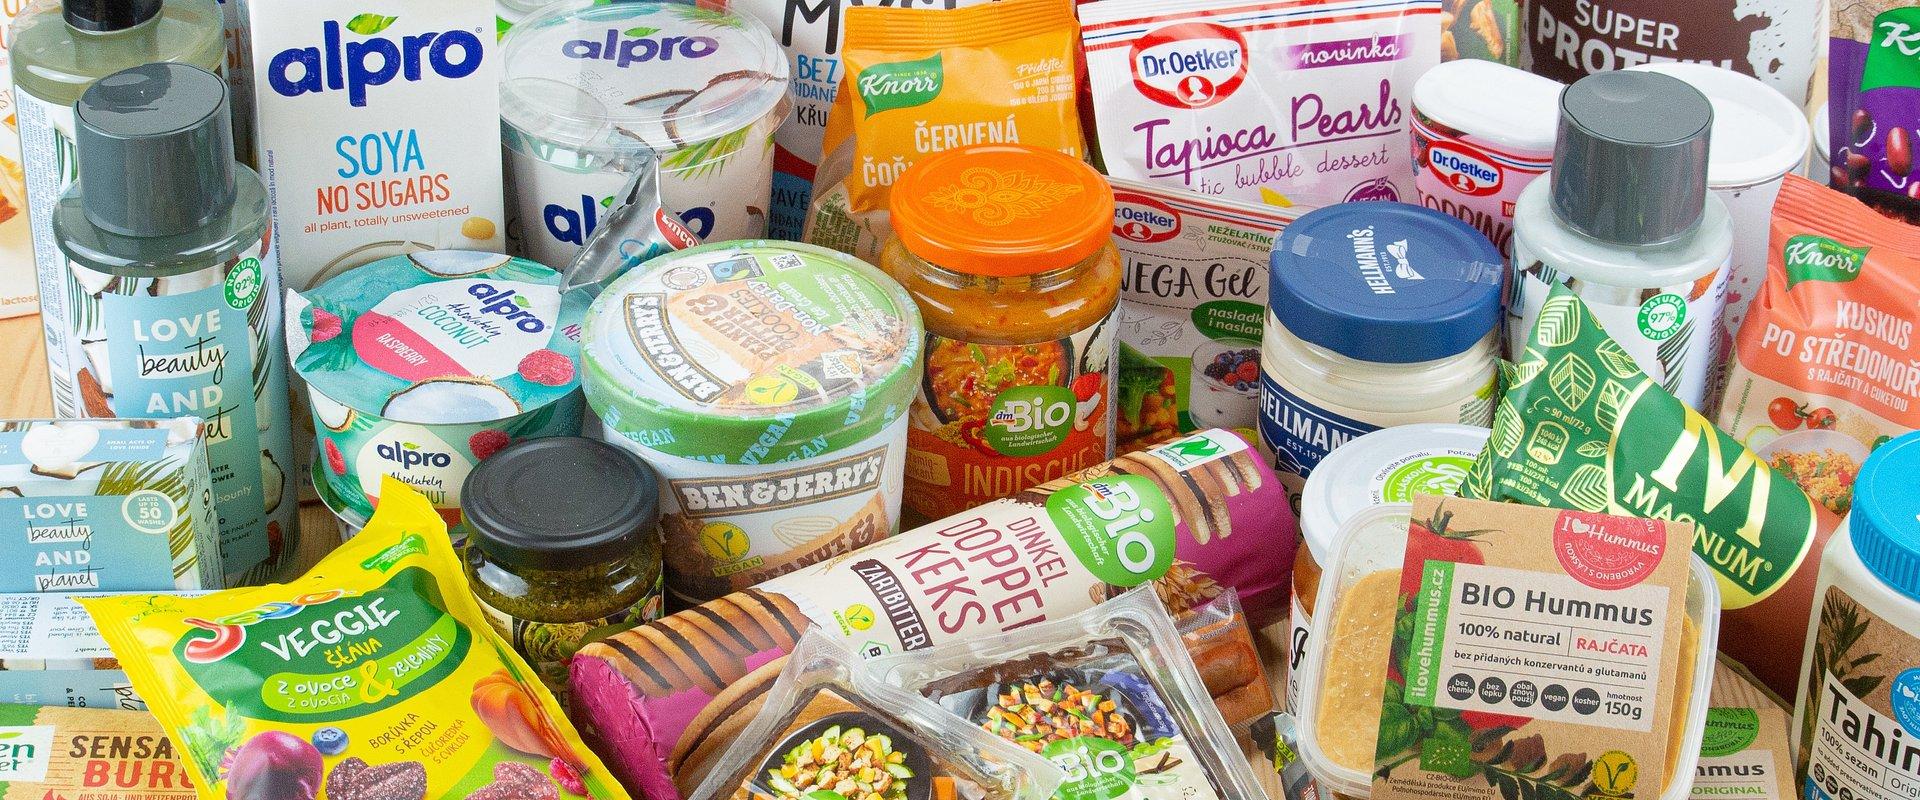 Konsumenci coraz częściej polegają na etykietach żywności wegańskiej i wegetariańskiej